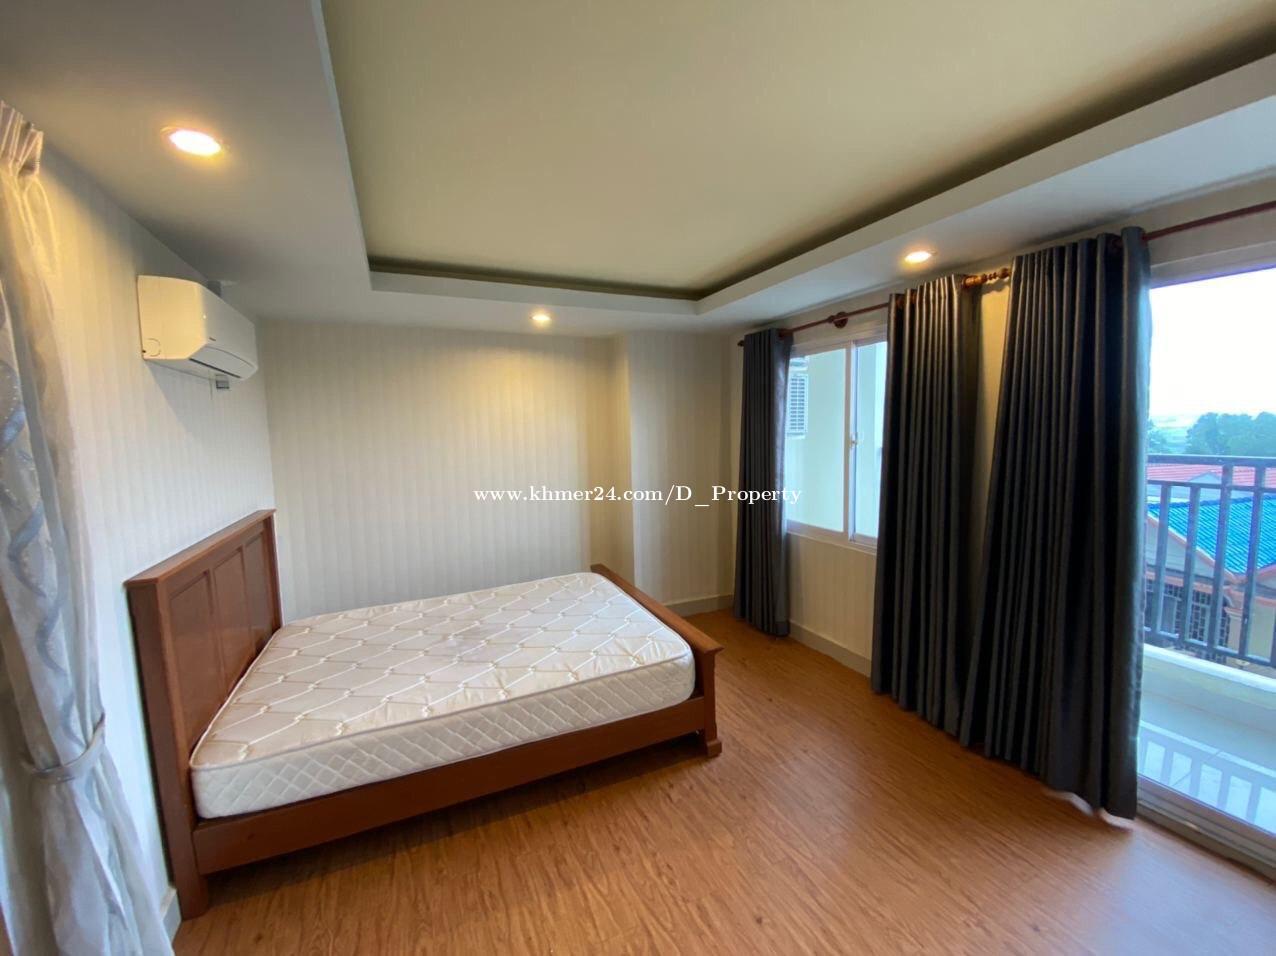 1 Bedroom Condo for Rent Near Boeng Tumpun